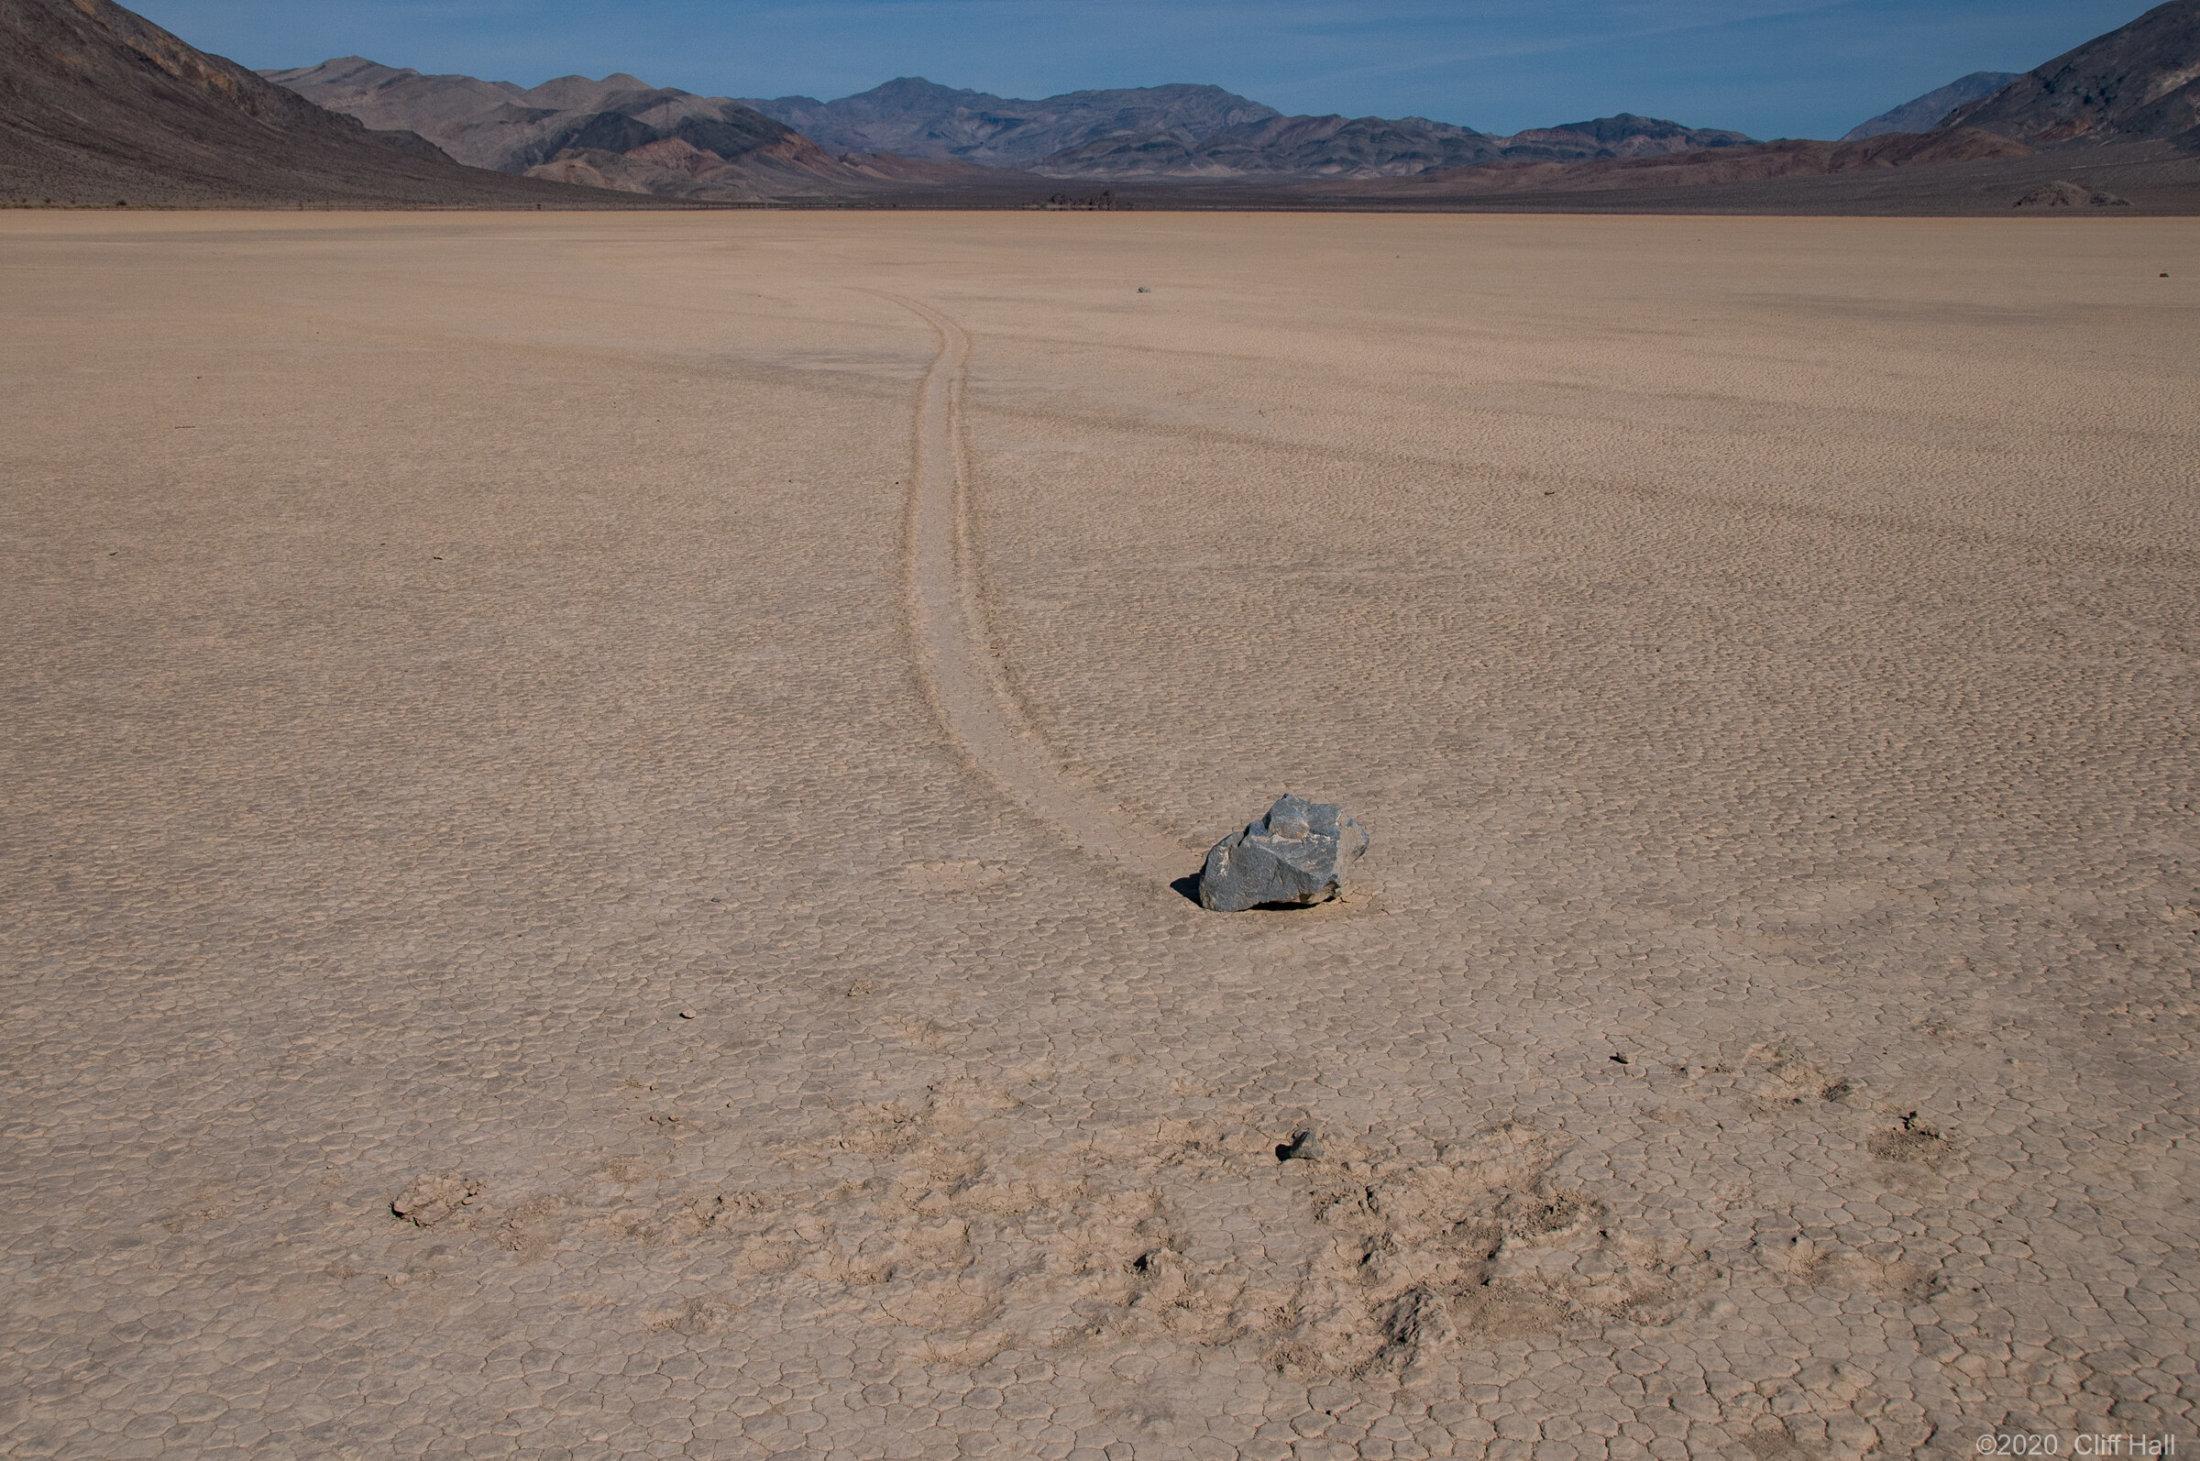 Racetrack, Death Valley, CA